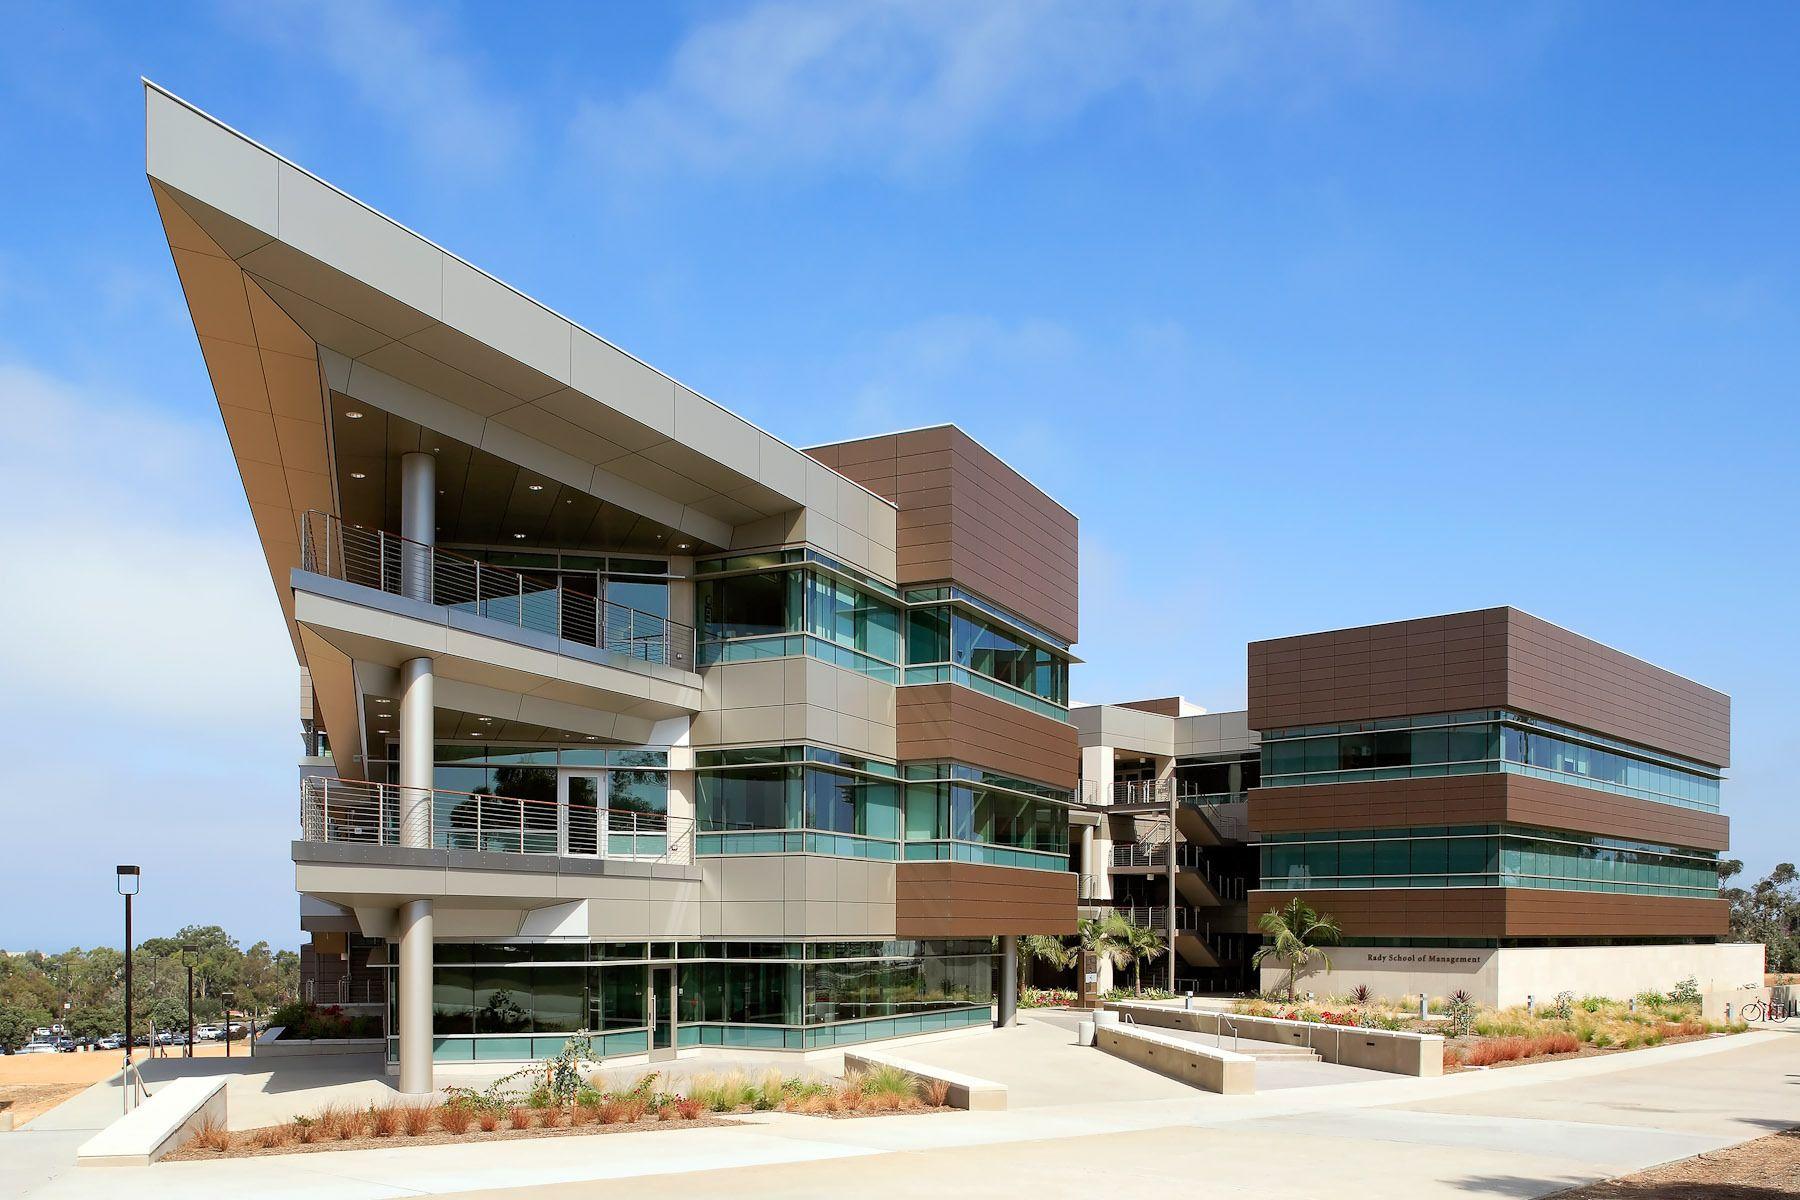 RADY School of Managemet UC San Diego